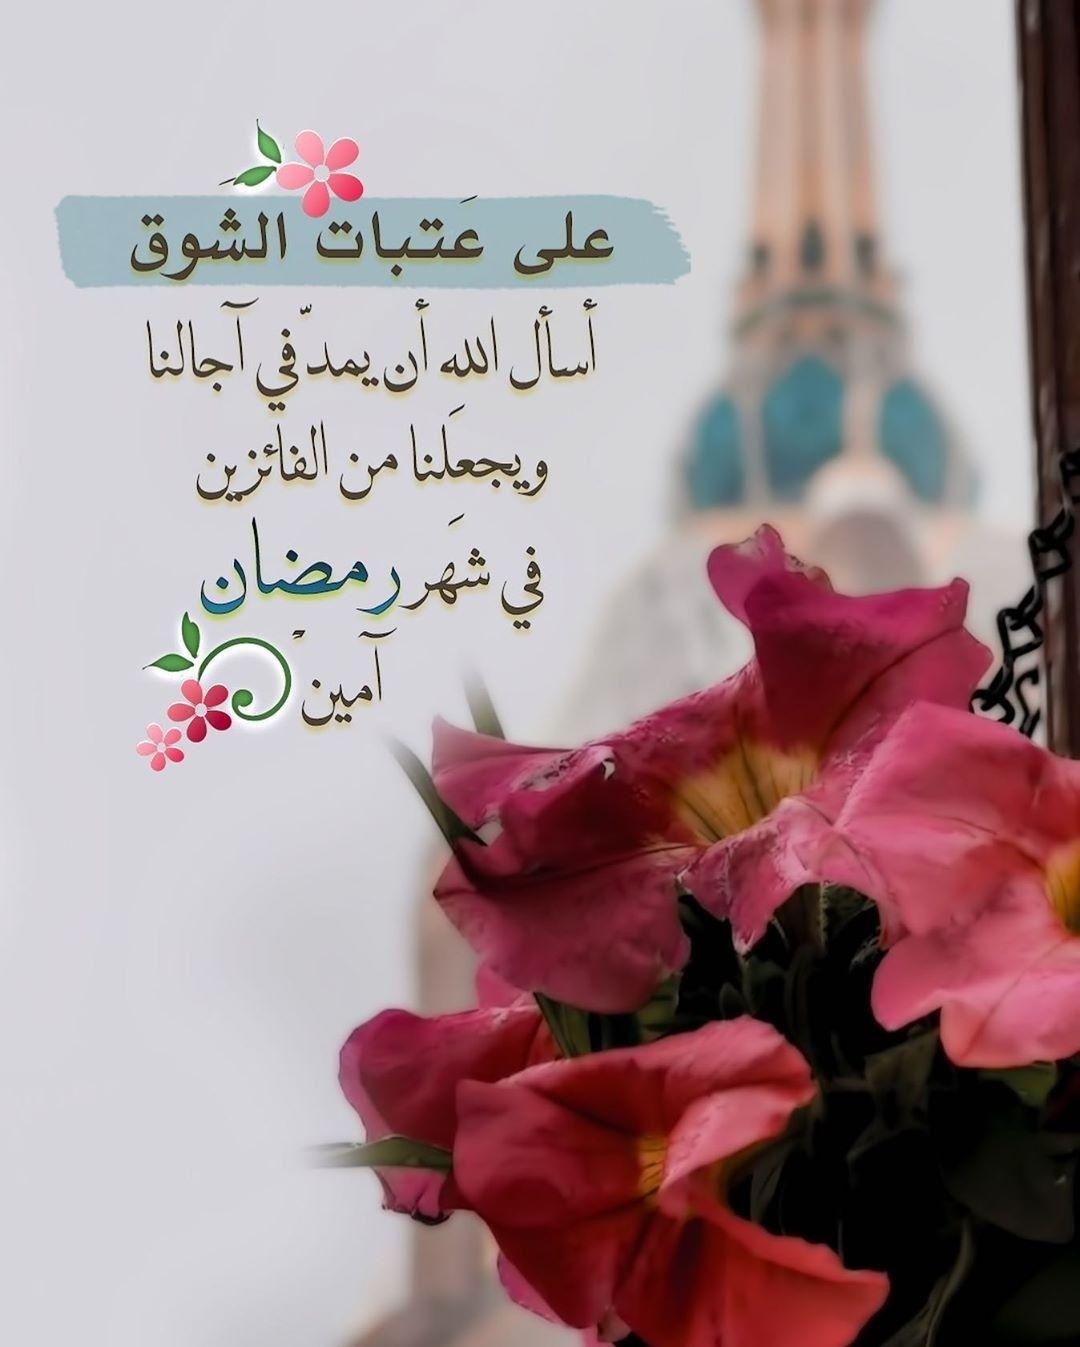 Pin By عبق الورد On أدعيه وأذكار Ramadan Kareem Decoration Ramadan Decorations Ramadan Kareem